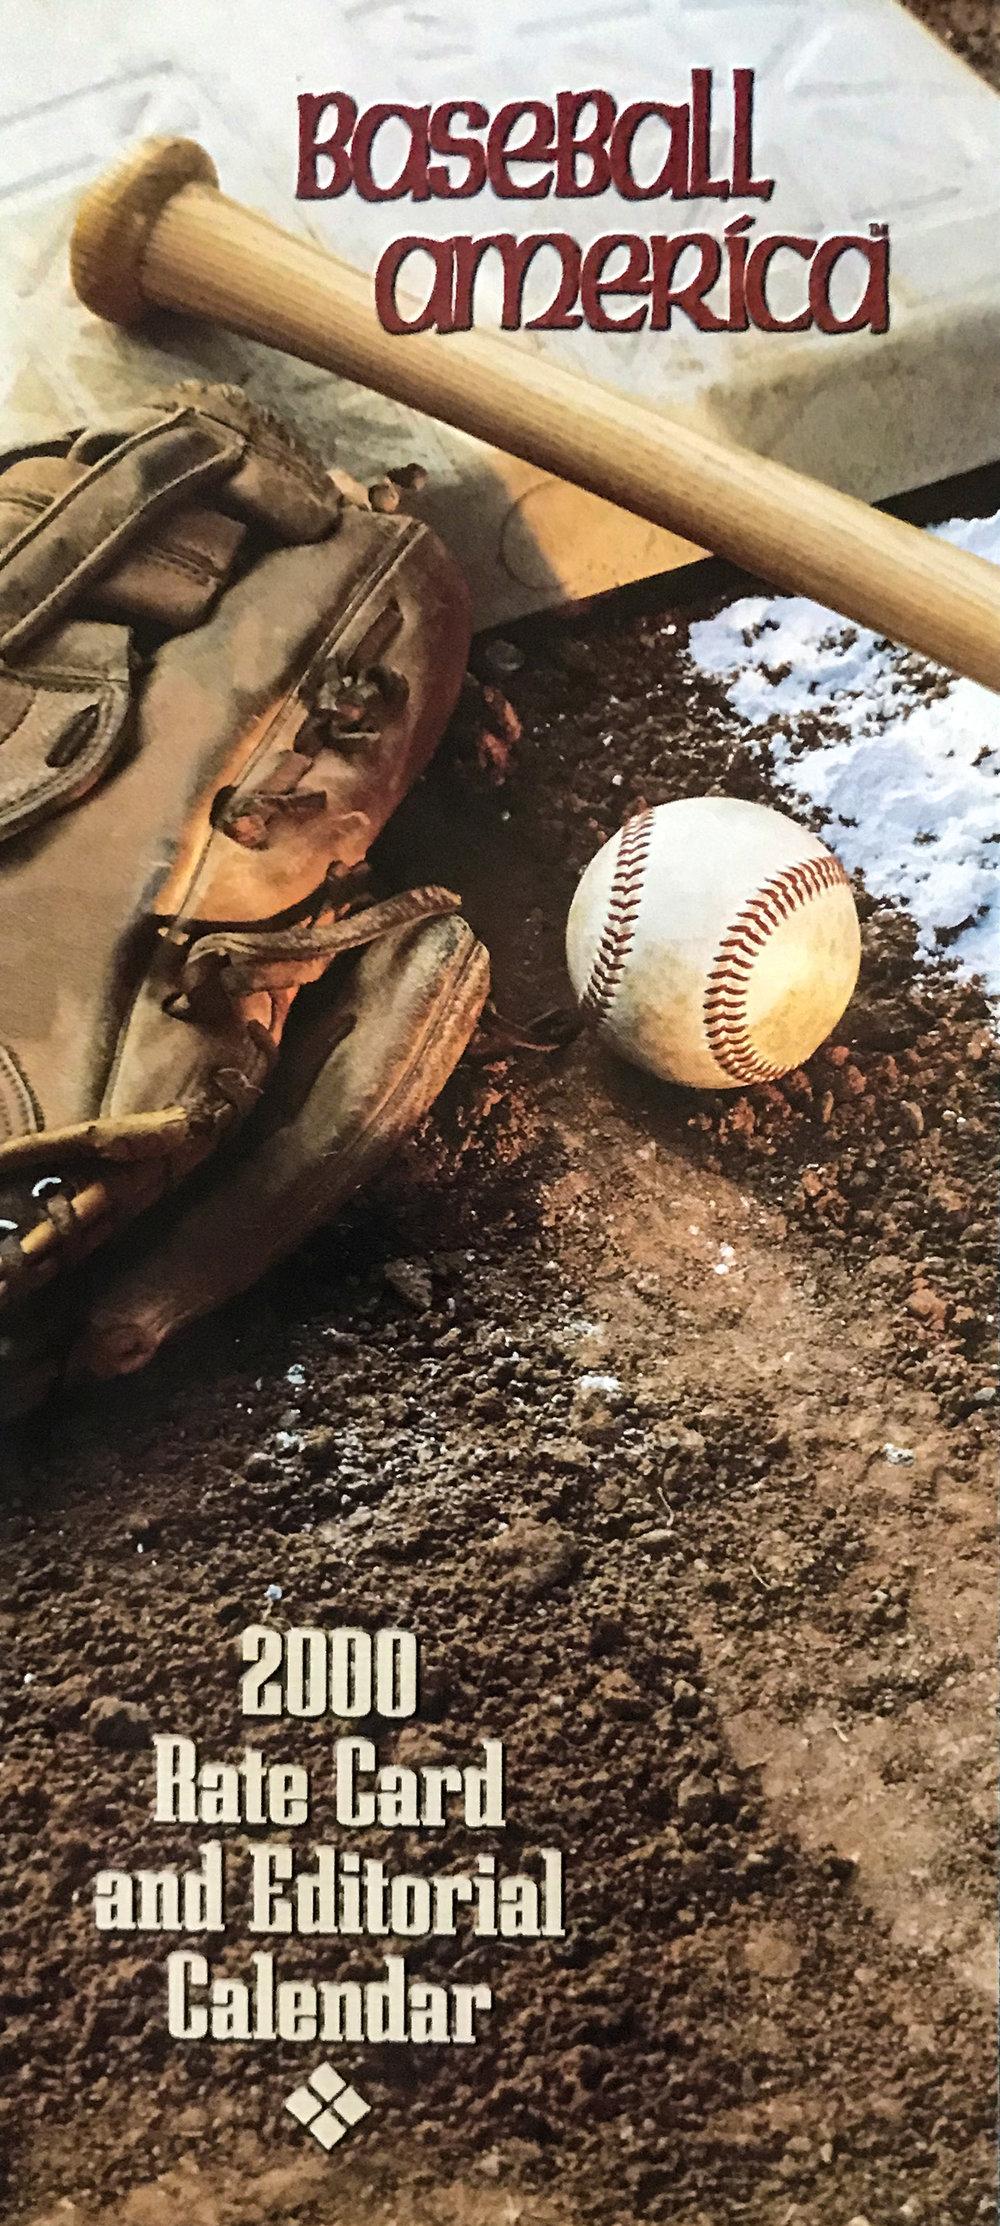 Baseball America Rate Card